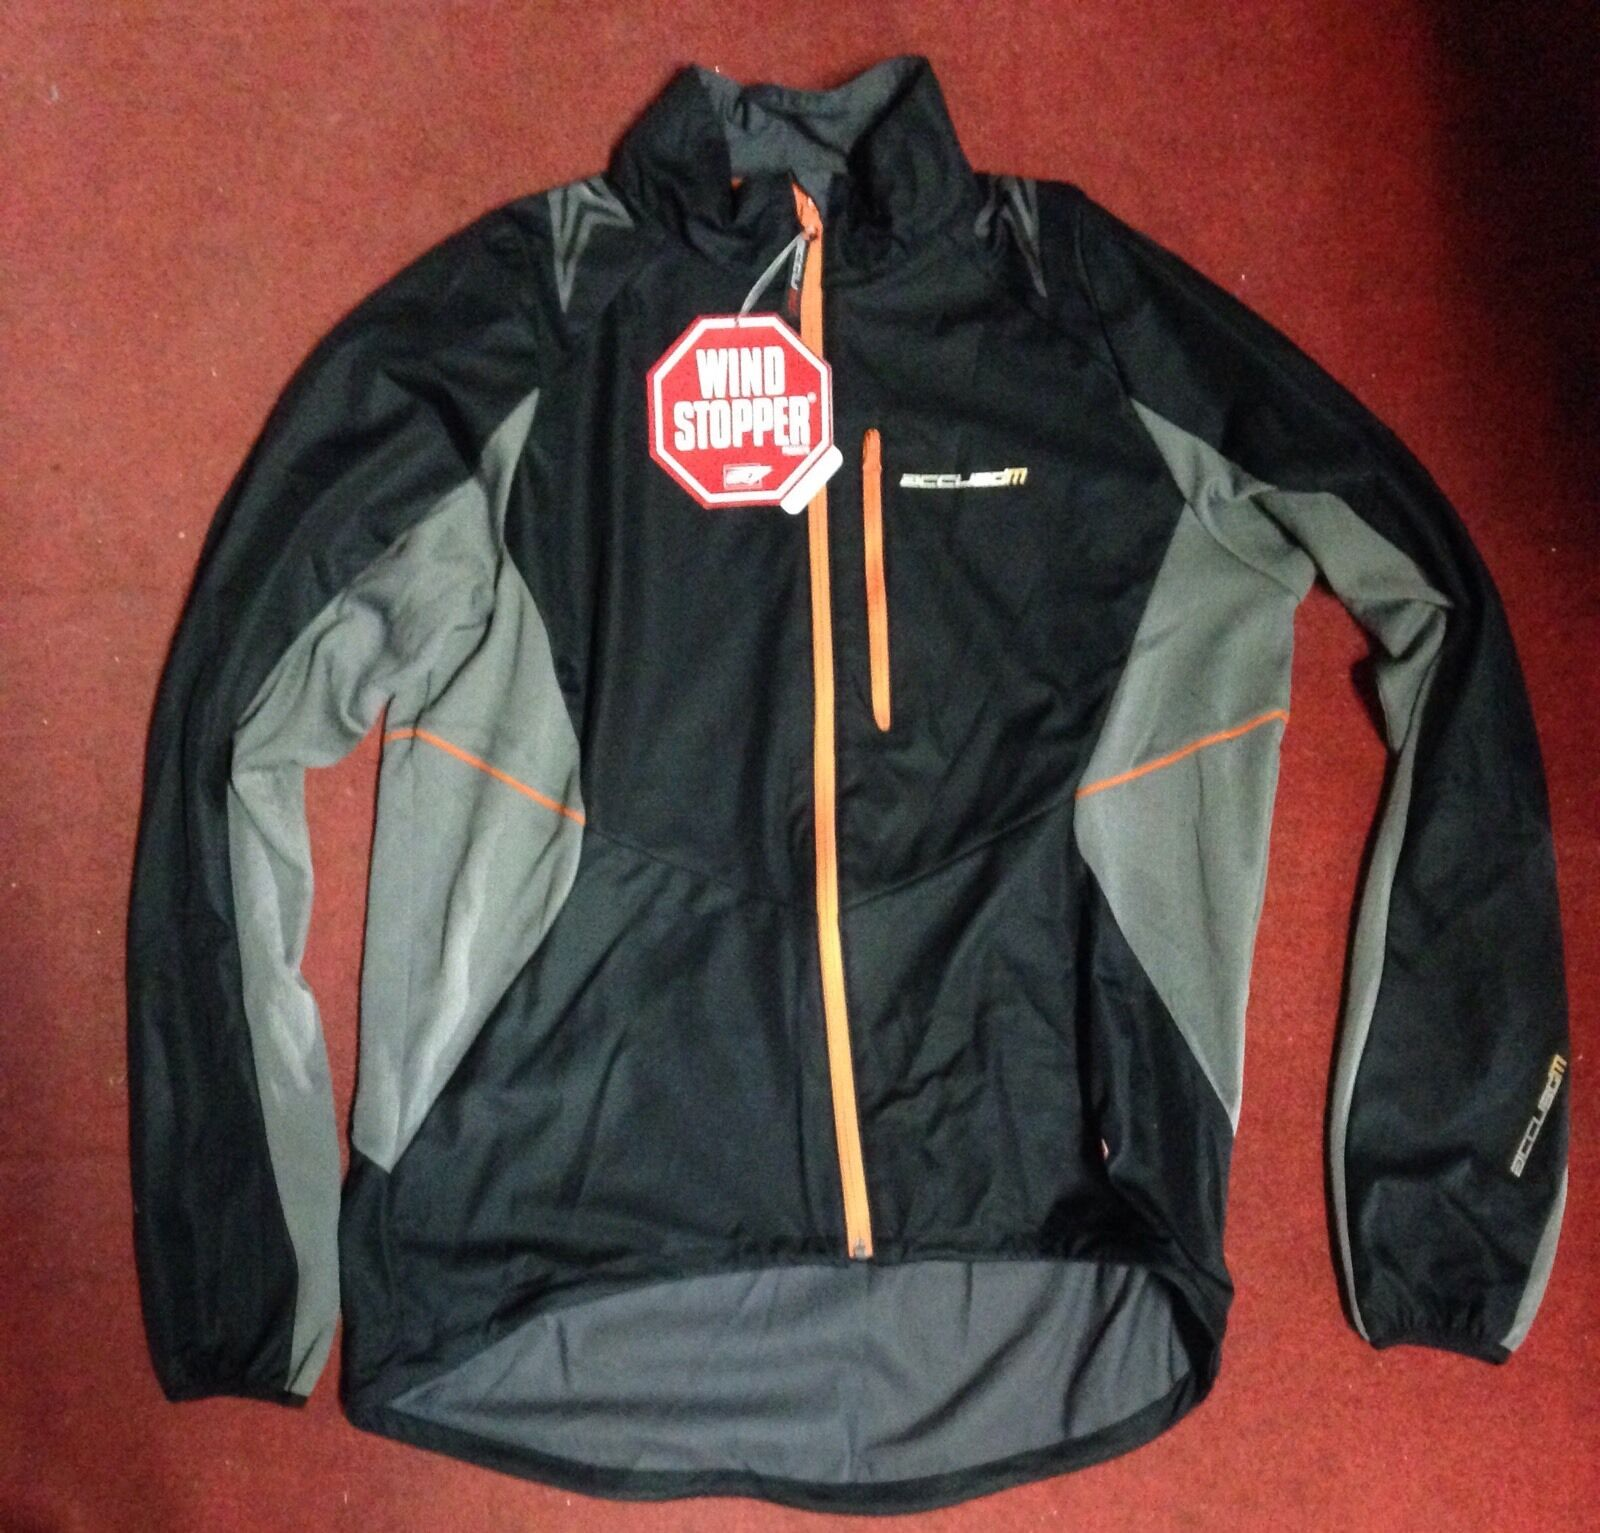 Shimano Accu 3D Giacchetto Jacket  invernale winter wind stopper L  a la venta